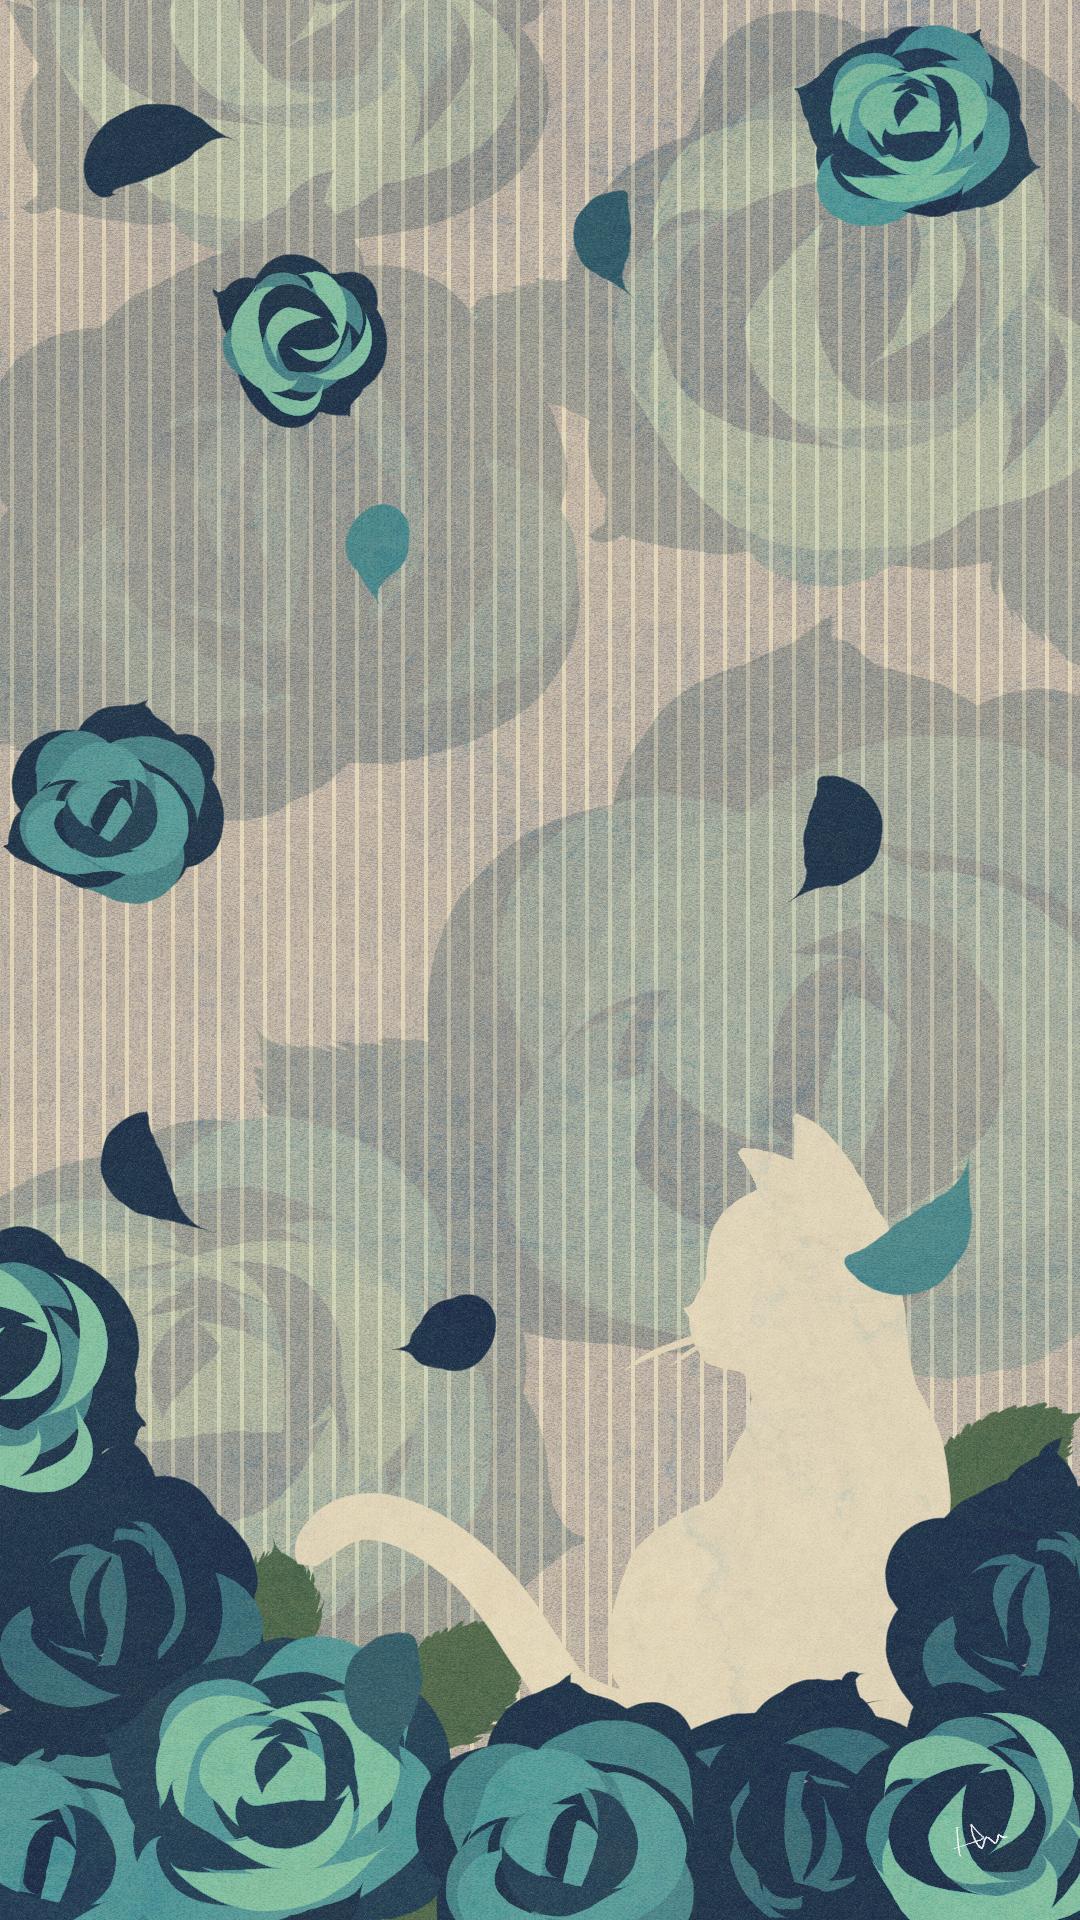 スマホ用壁紙たたずむ猫とバラの花ブルー